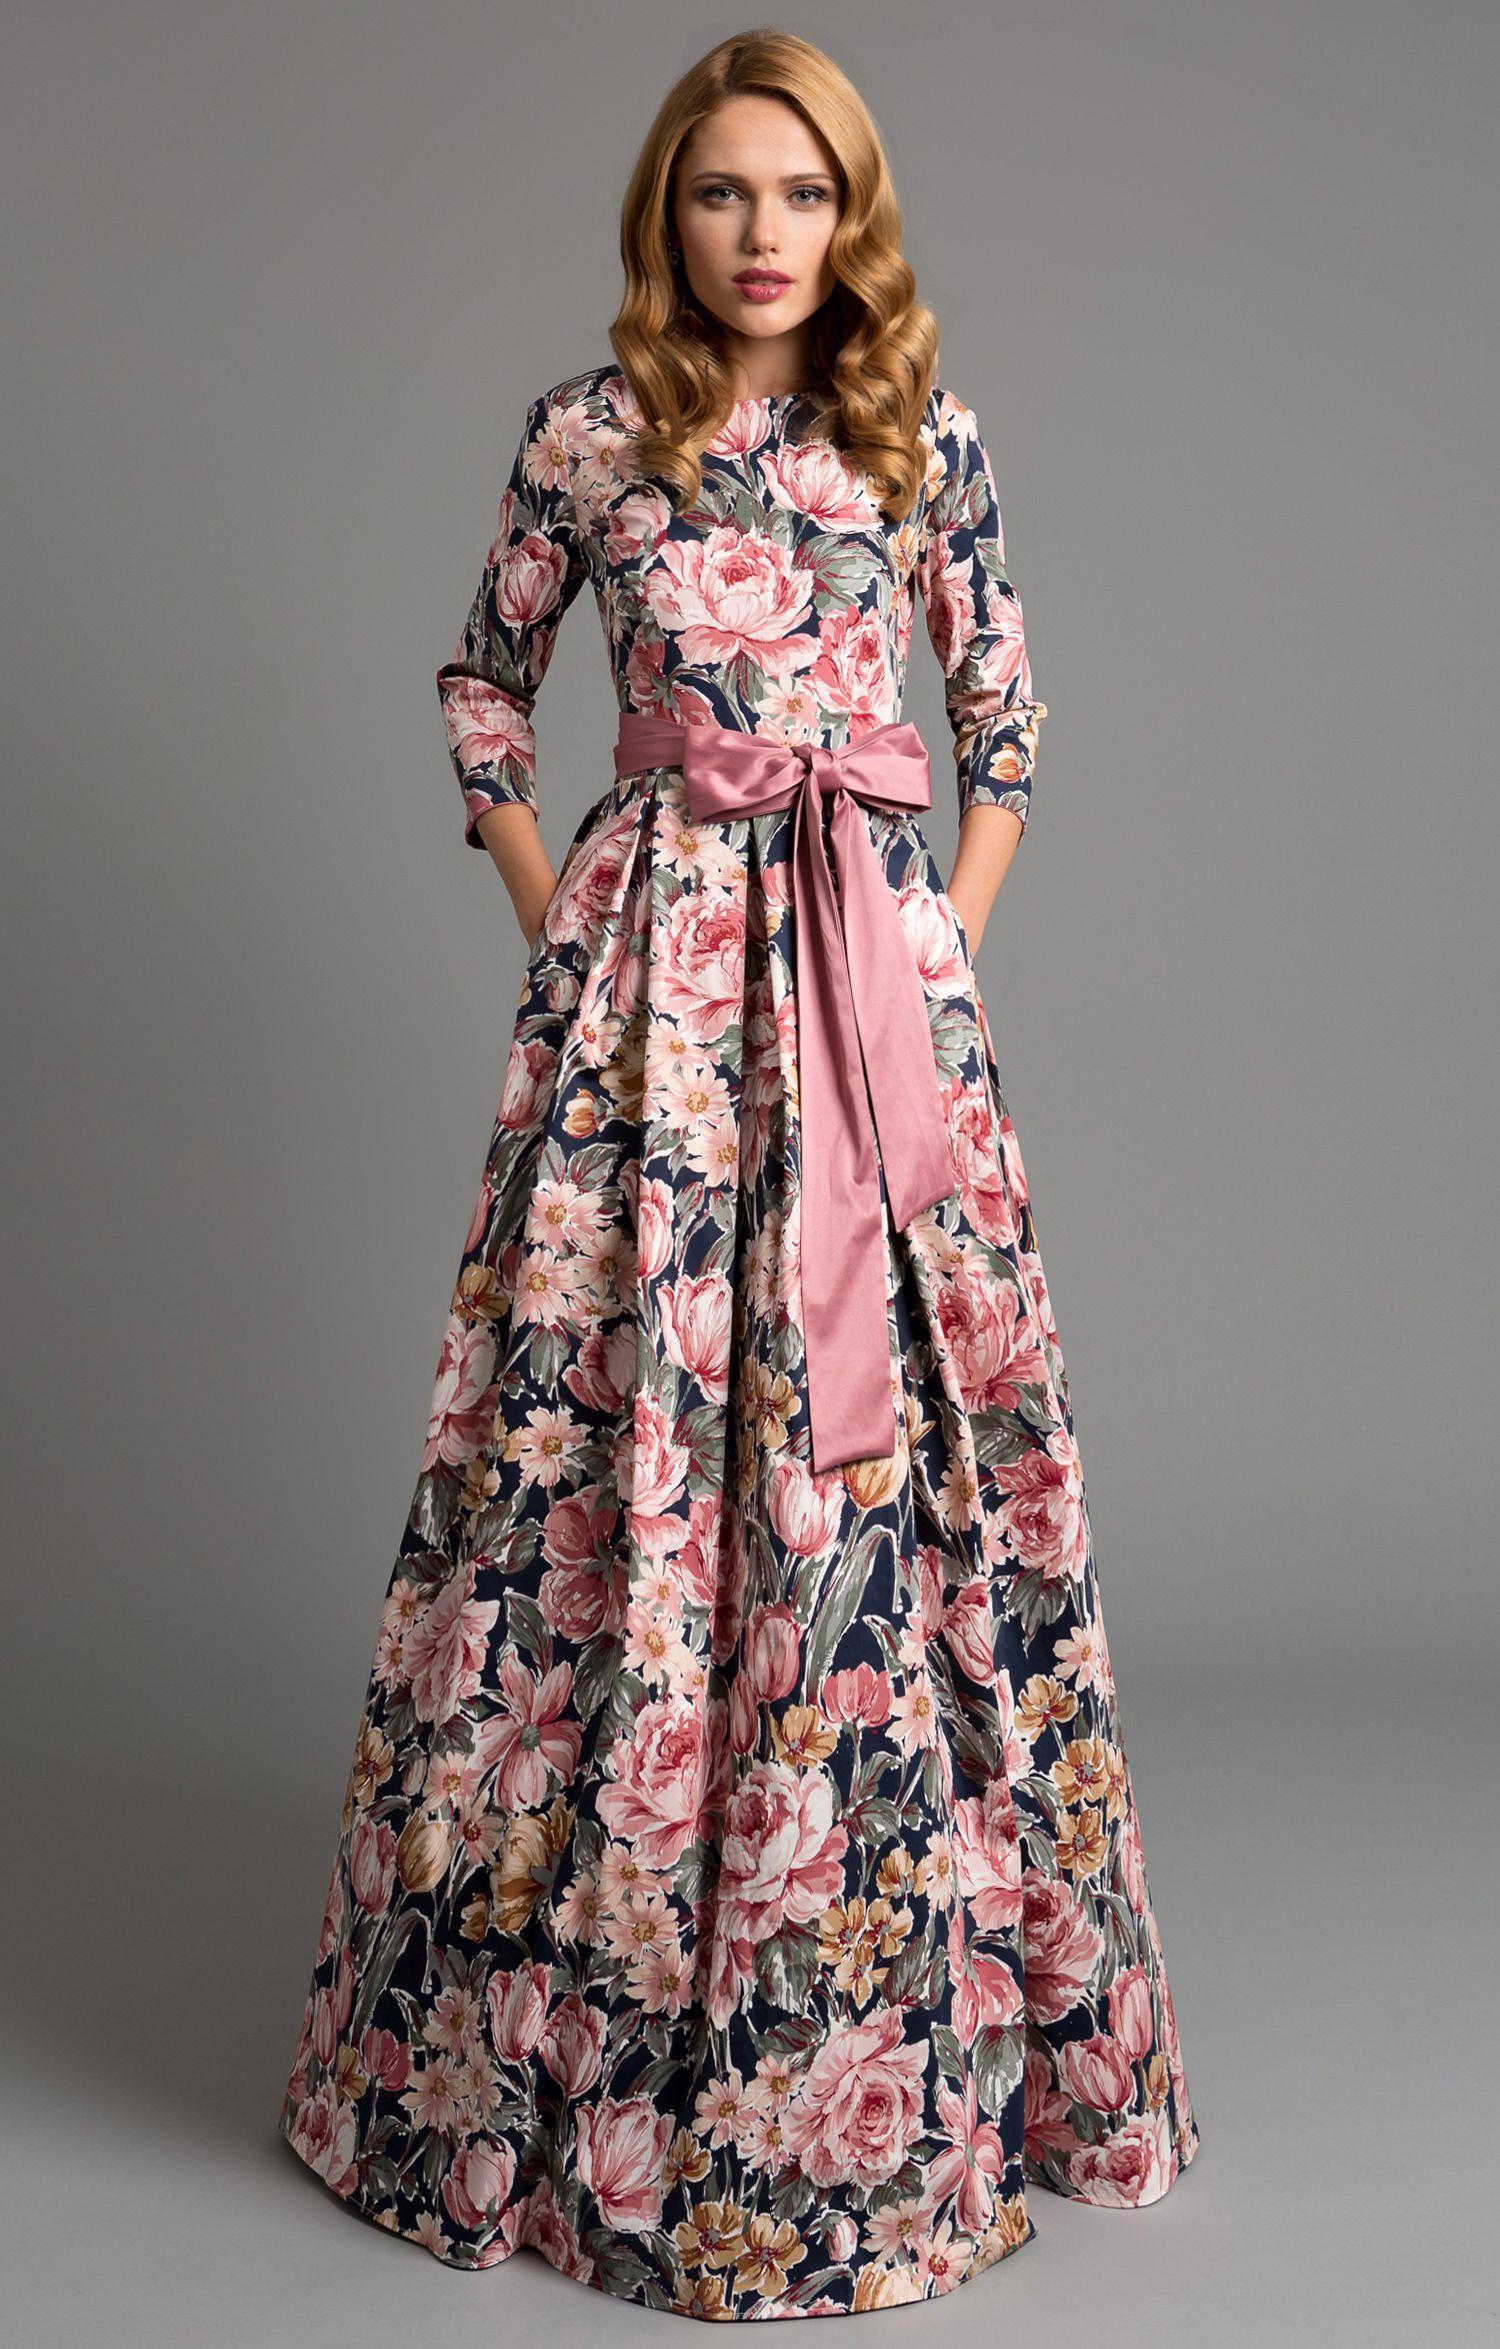 10 Wunderbar Abend Kleider Rosa für 2019Abend Einzigartig Abend Kleider Rosa Boutique